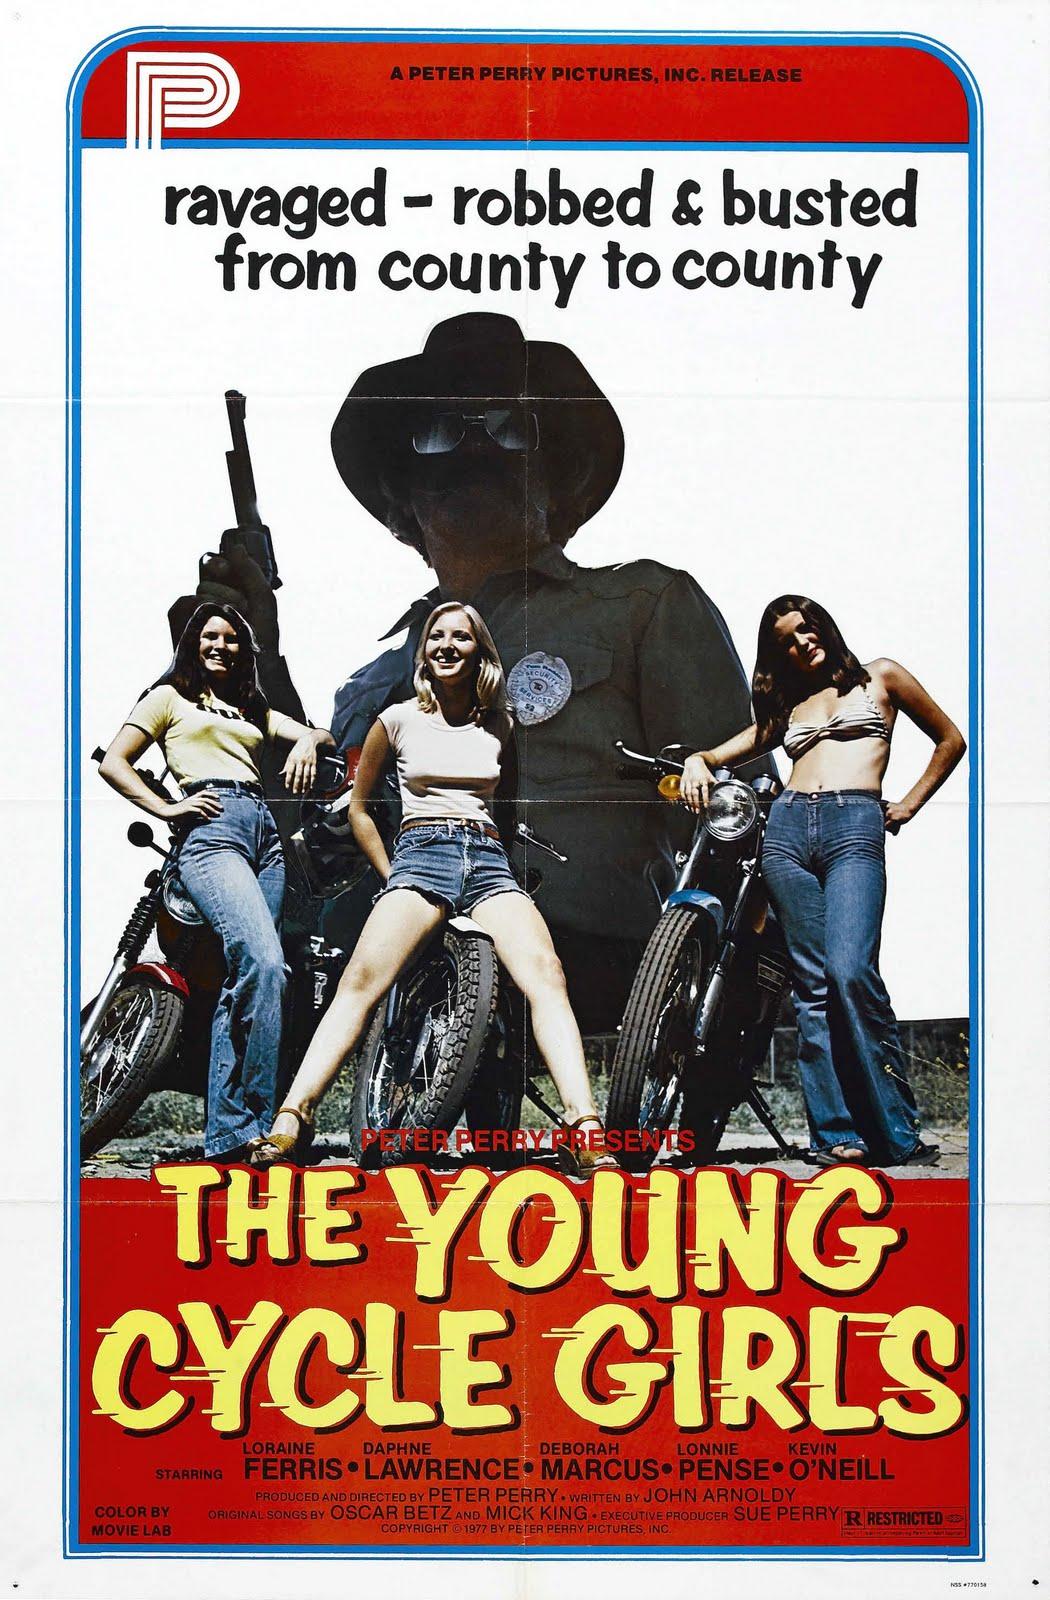 IMAGE(http://3.bp.blogspot.com/-pGRdT5UeKjs/TfbrLM_VkXI/AAAAAAAAASc/QYlr--JnZZU/s1600/young_cycle_girls_poster_01.jpg)